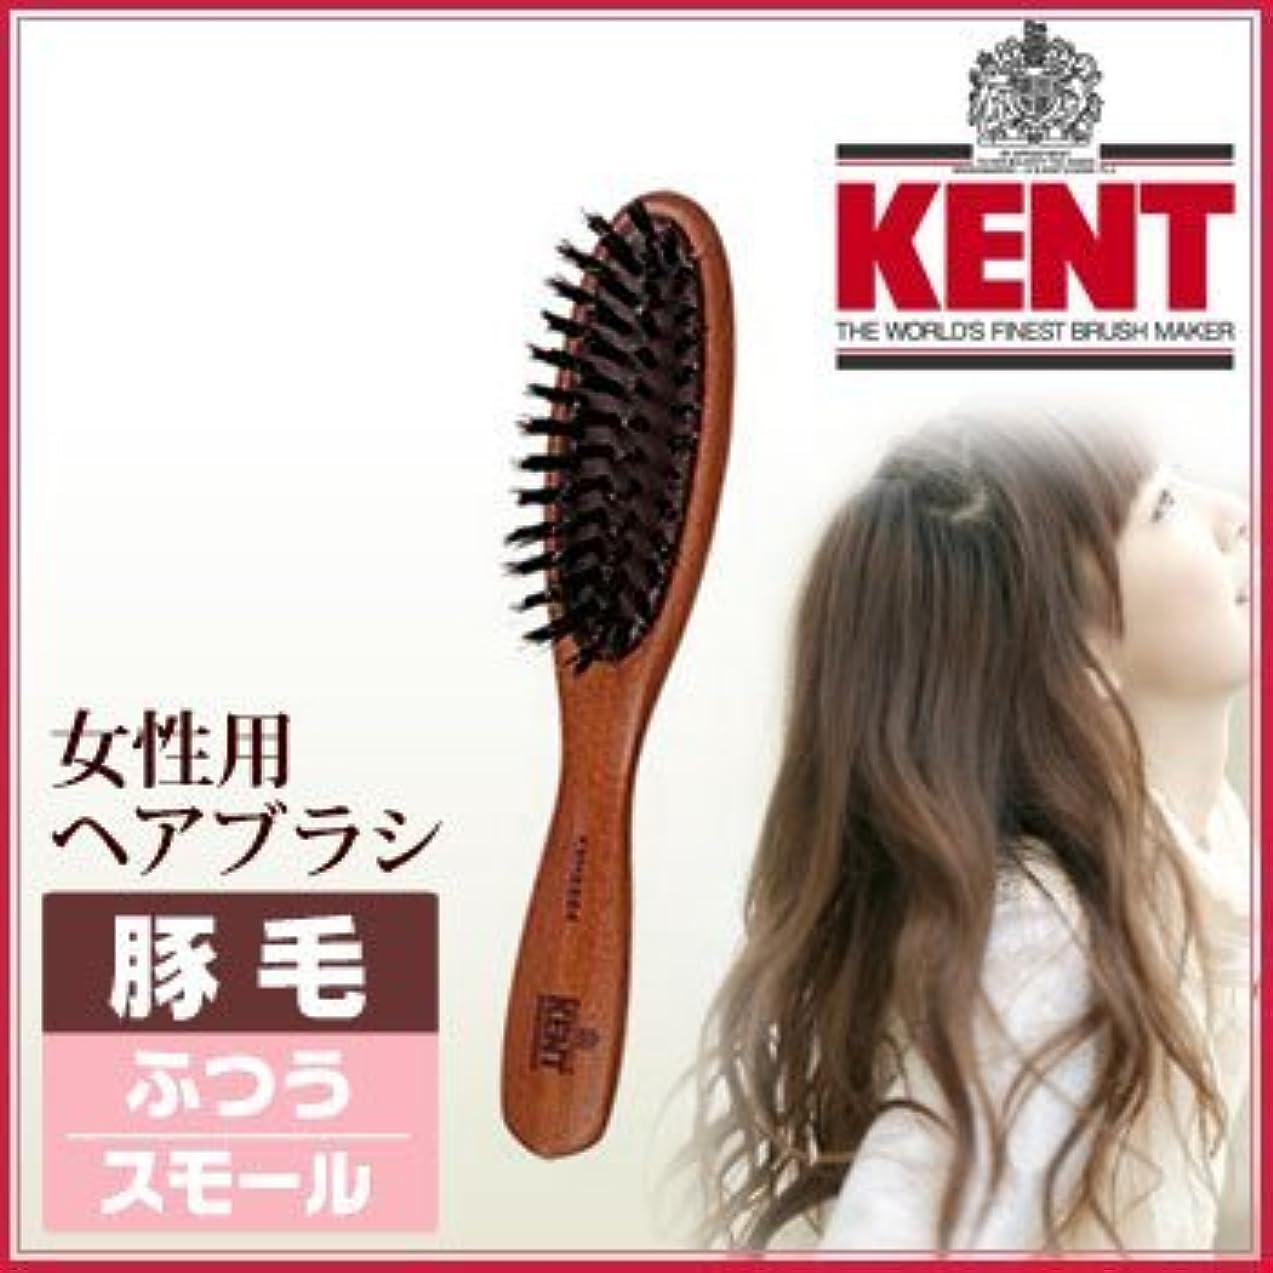 膨張する密接にショートカットKENT レディース ブラッシングブラシ[スモールサイズ/豚毛ふつう]KNH-2224